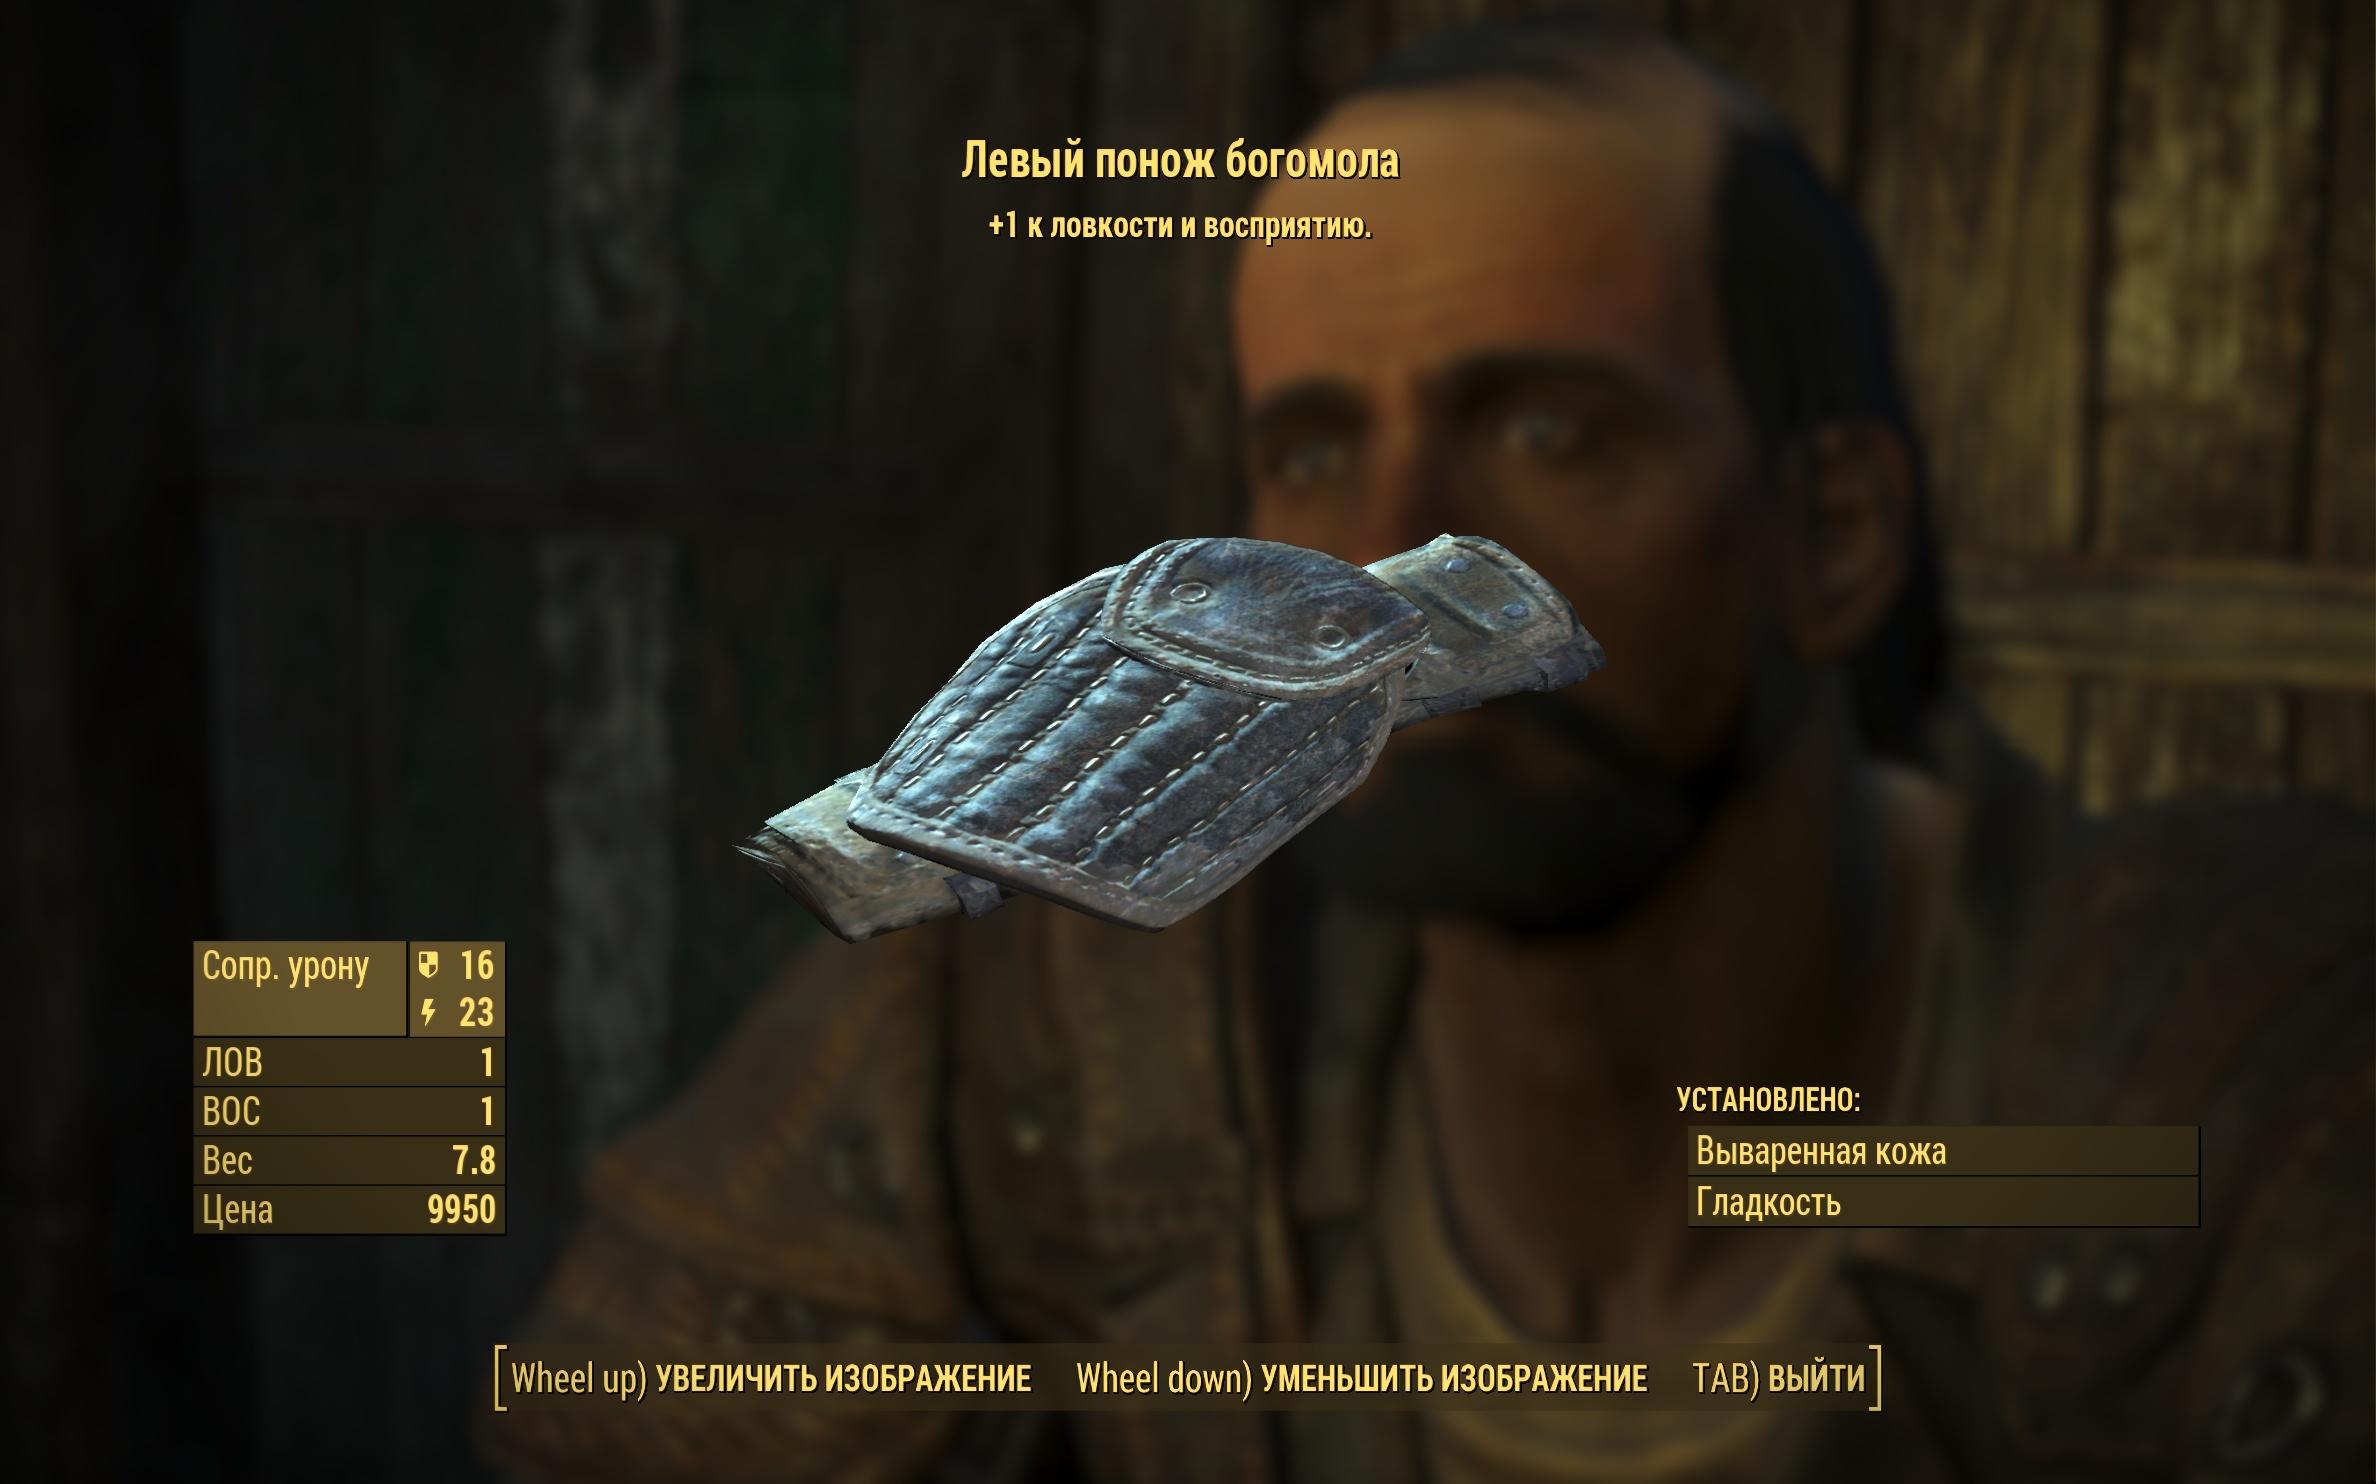 Левый понож богомола - Fallout 4 богомол, Левый, Одежда, понож